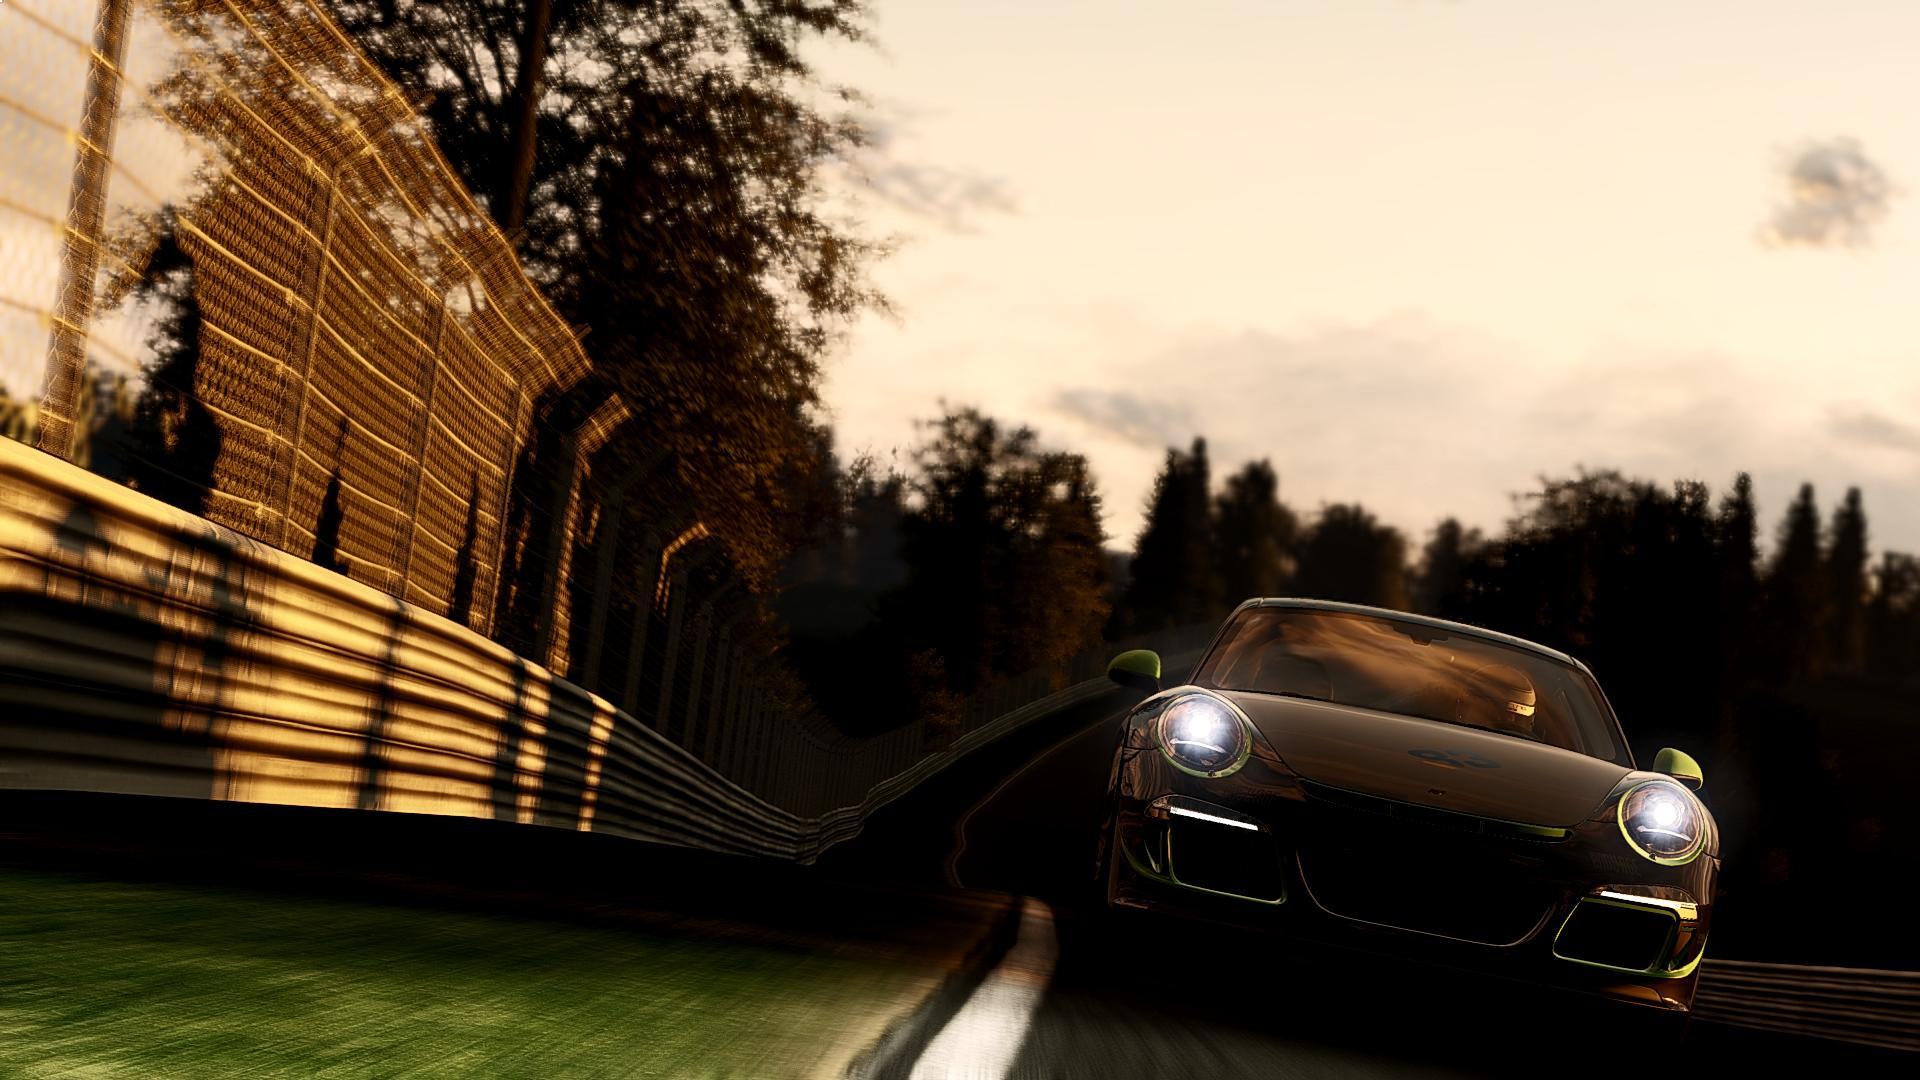 Po týdnu další úchvatné momentky z Project CARS 87219